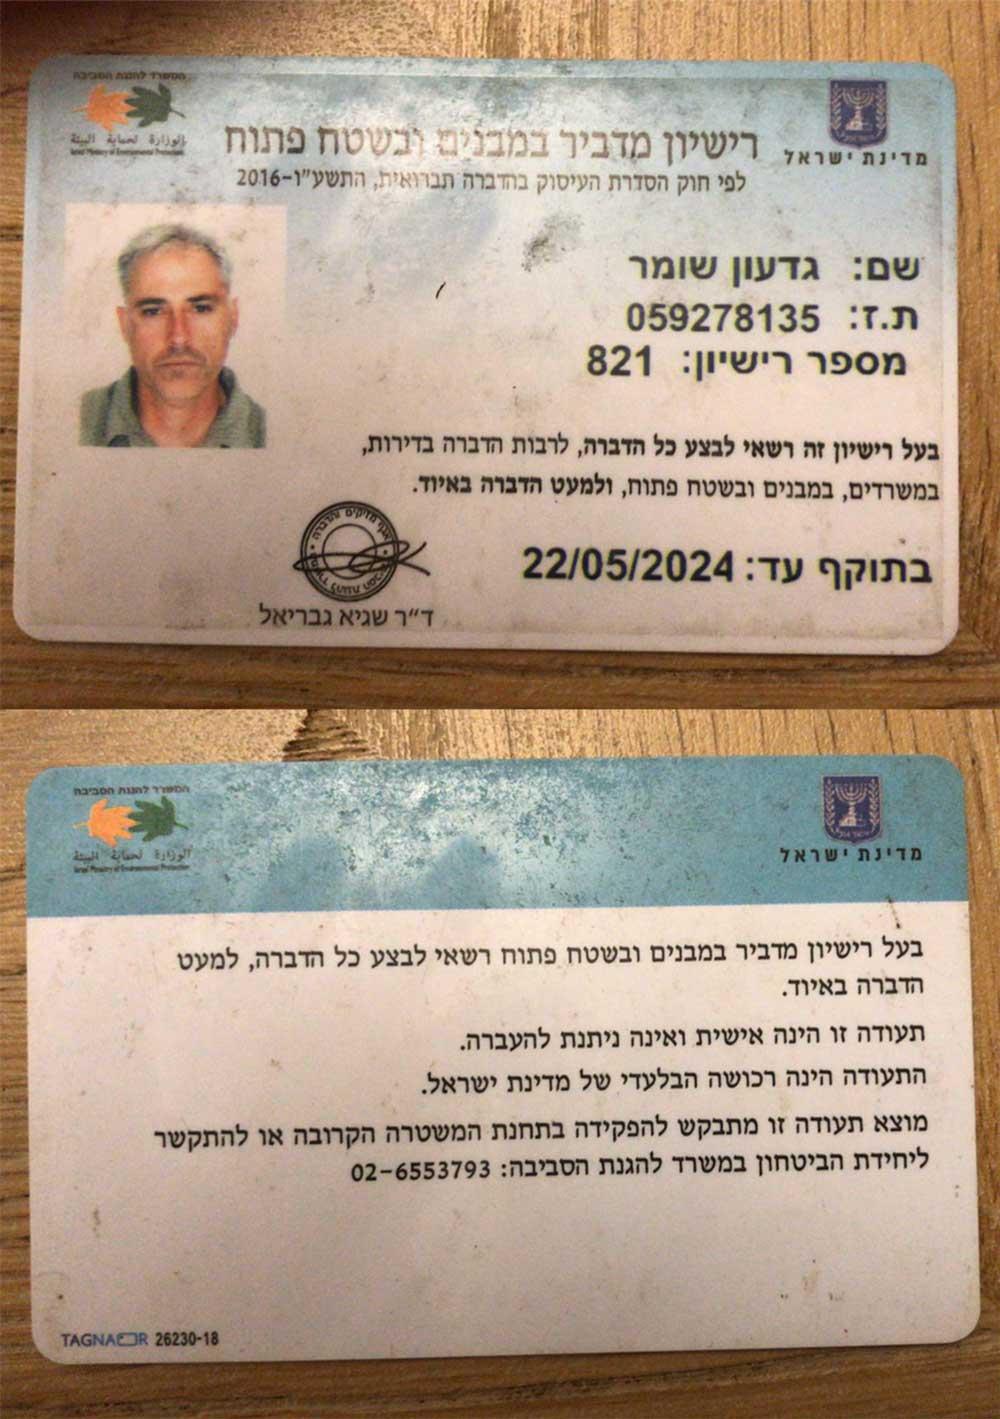 מדינה ישראל - רישיון מדביר במבנים ובשטח פתוח